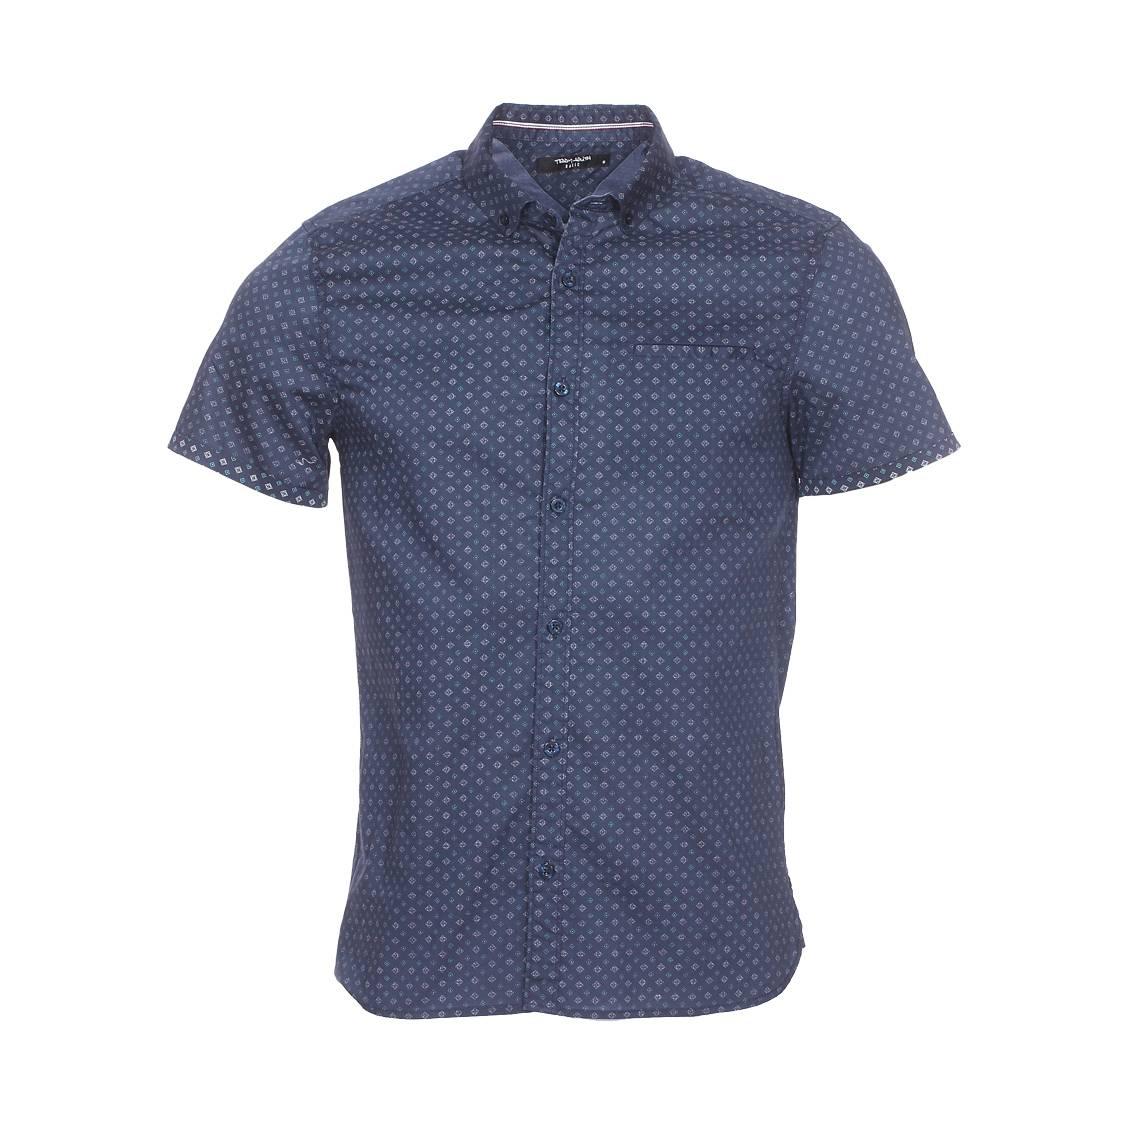 Chemise manches courtes ajustée  cut en coton bleu marine à micro motifs bleus et blancs